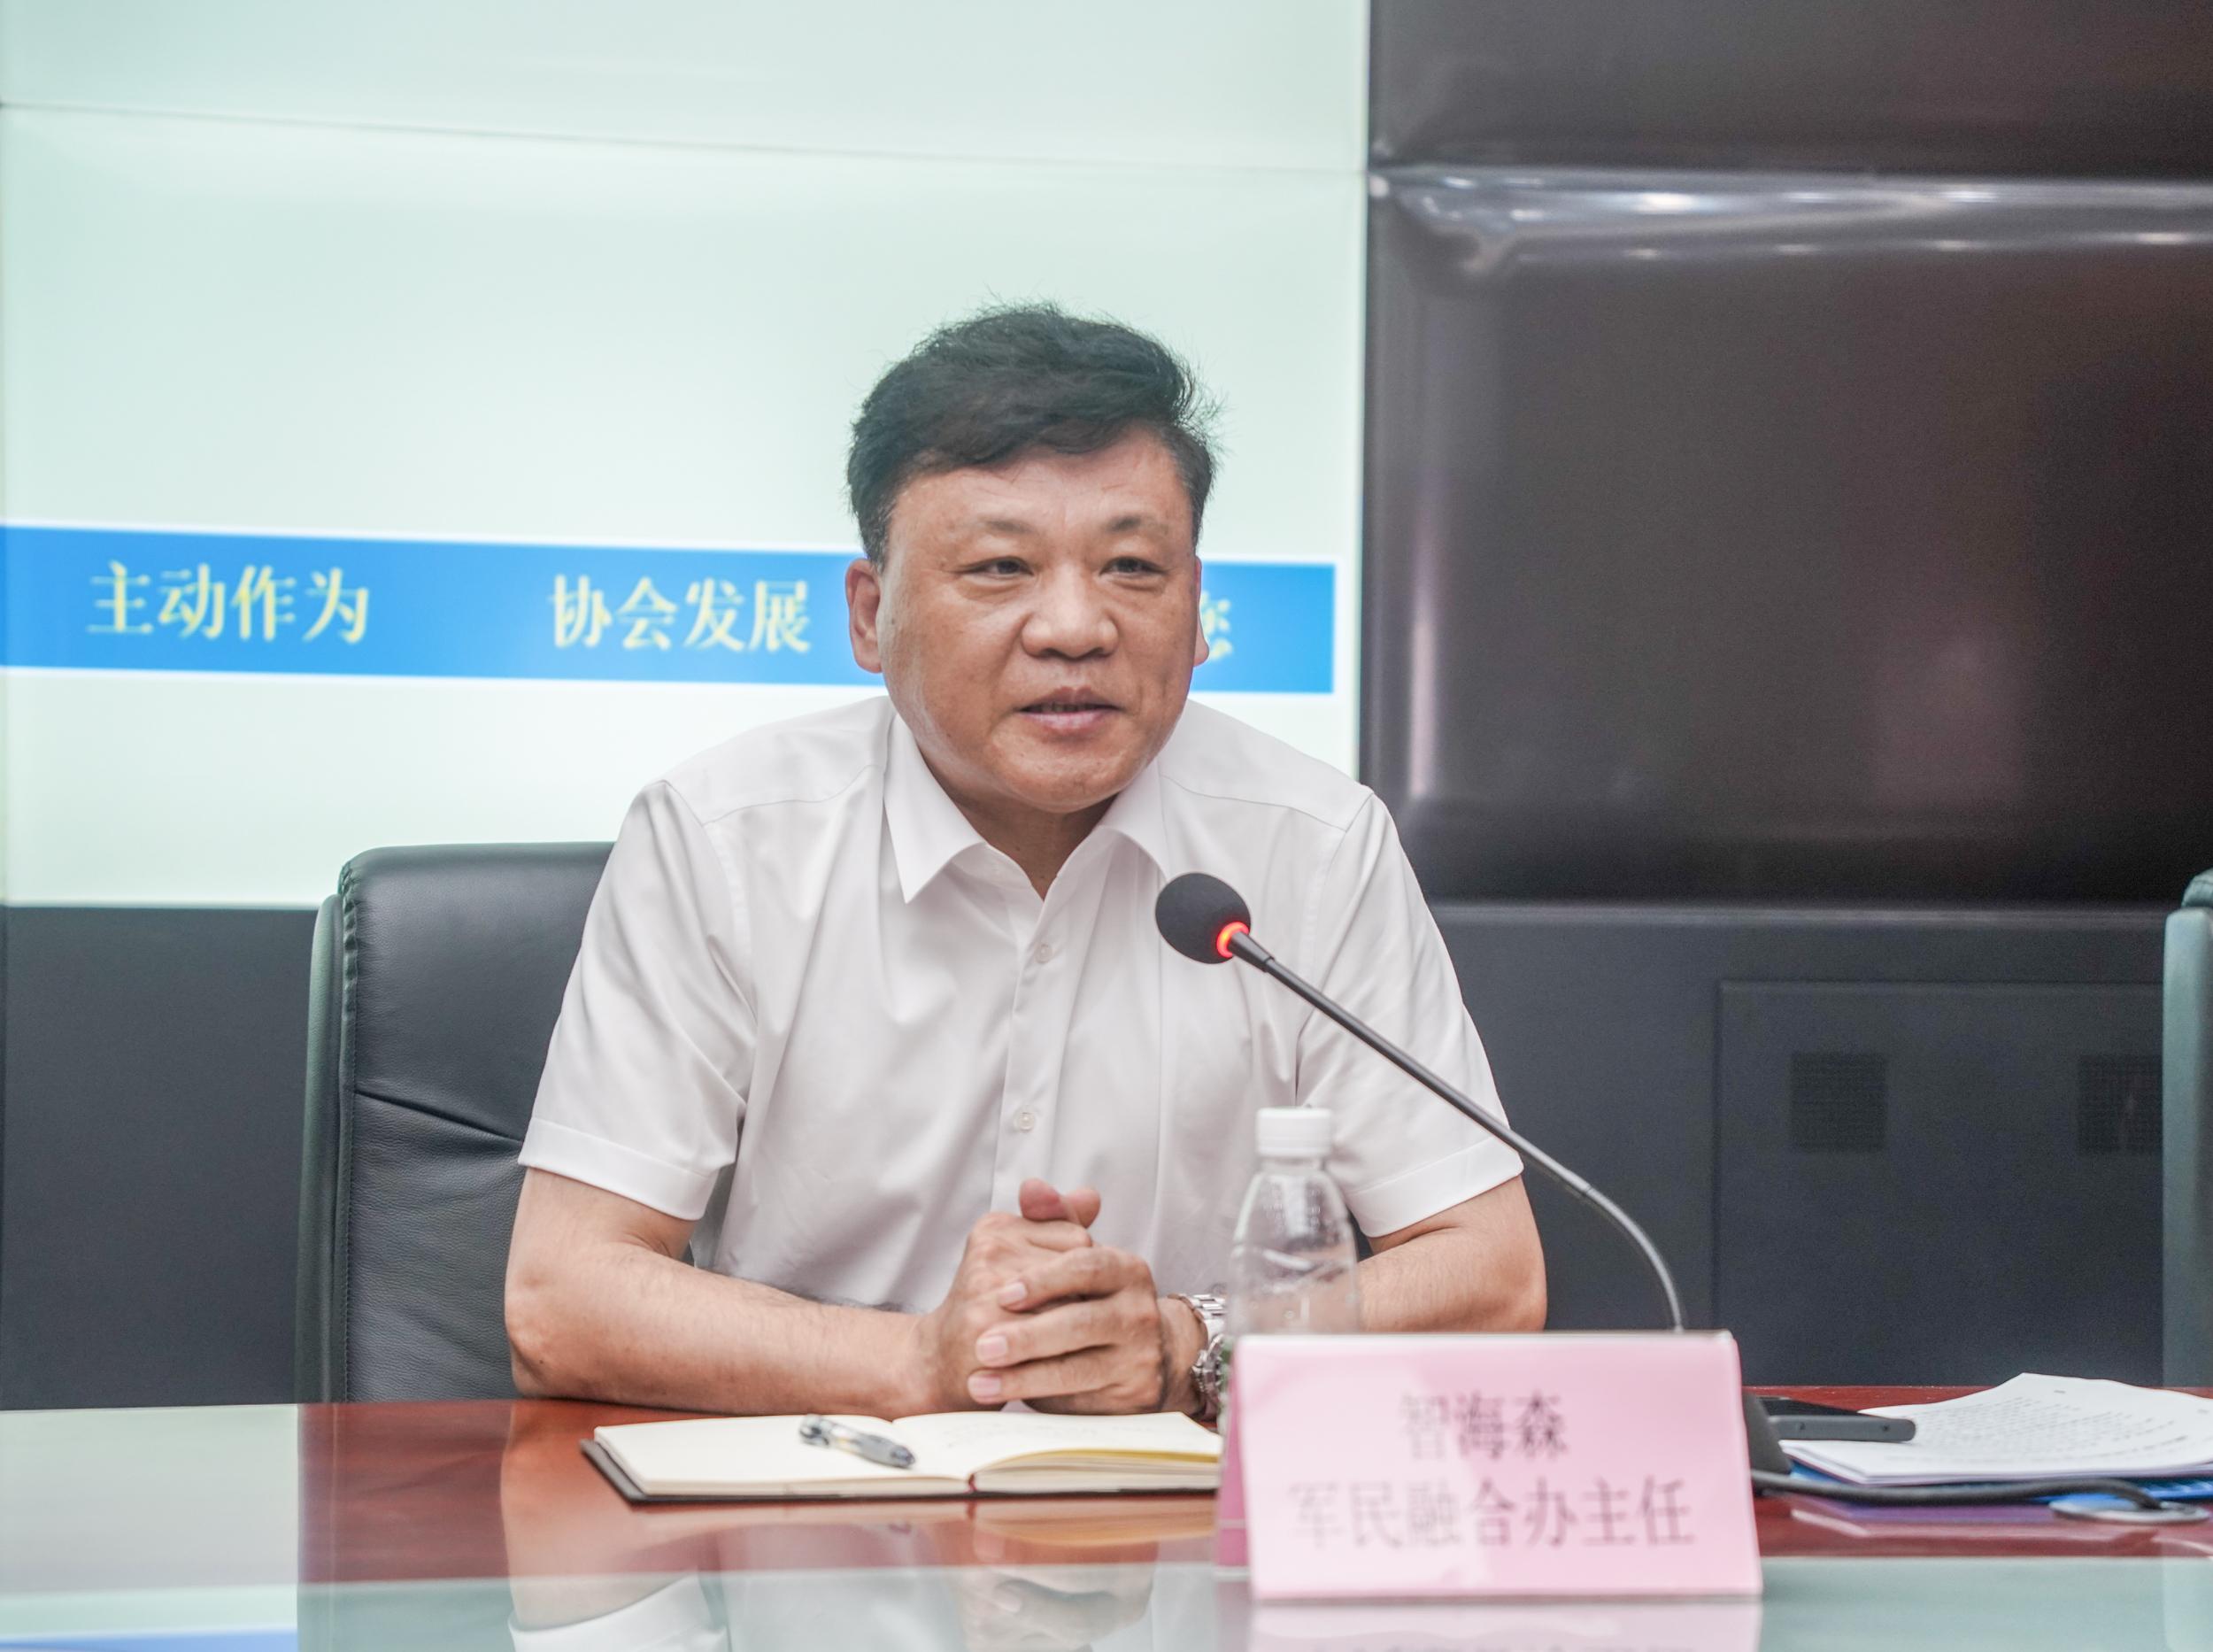 湛江市人民防空办公室主任智海森讲话